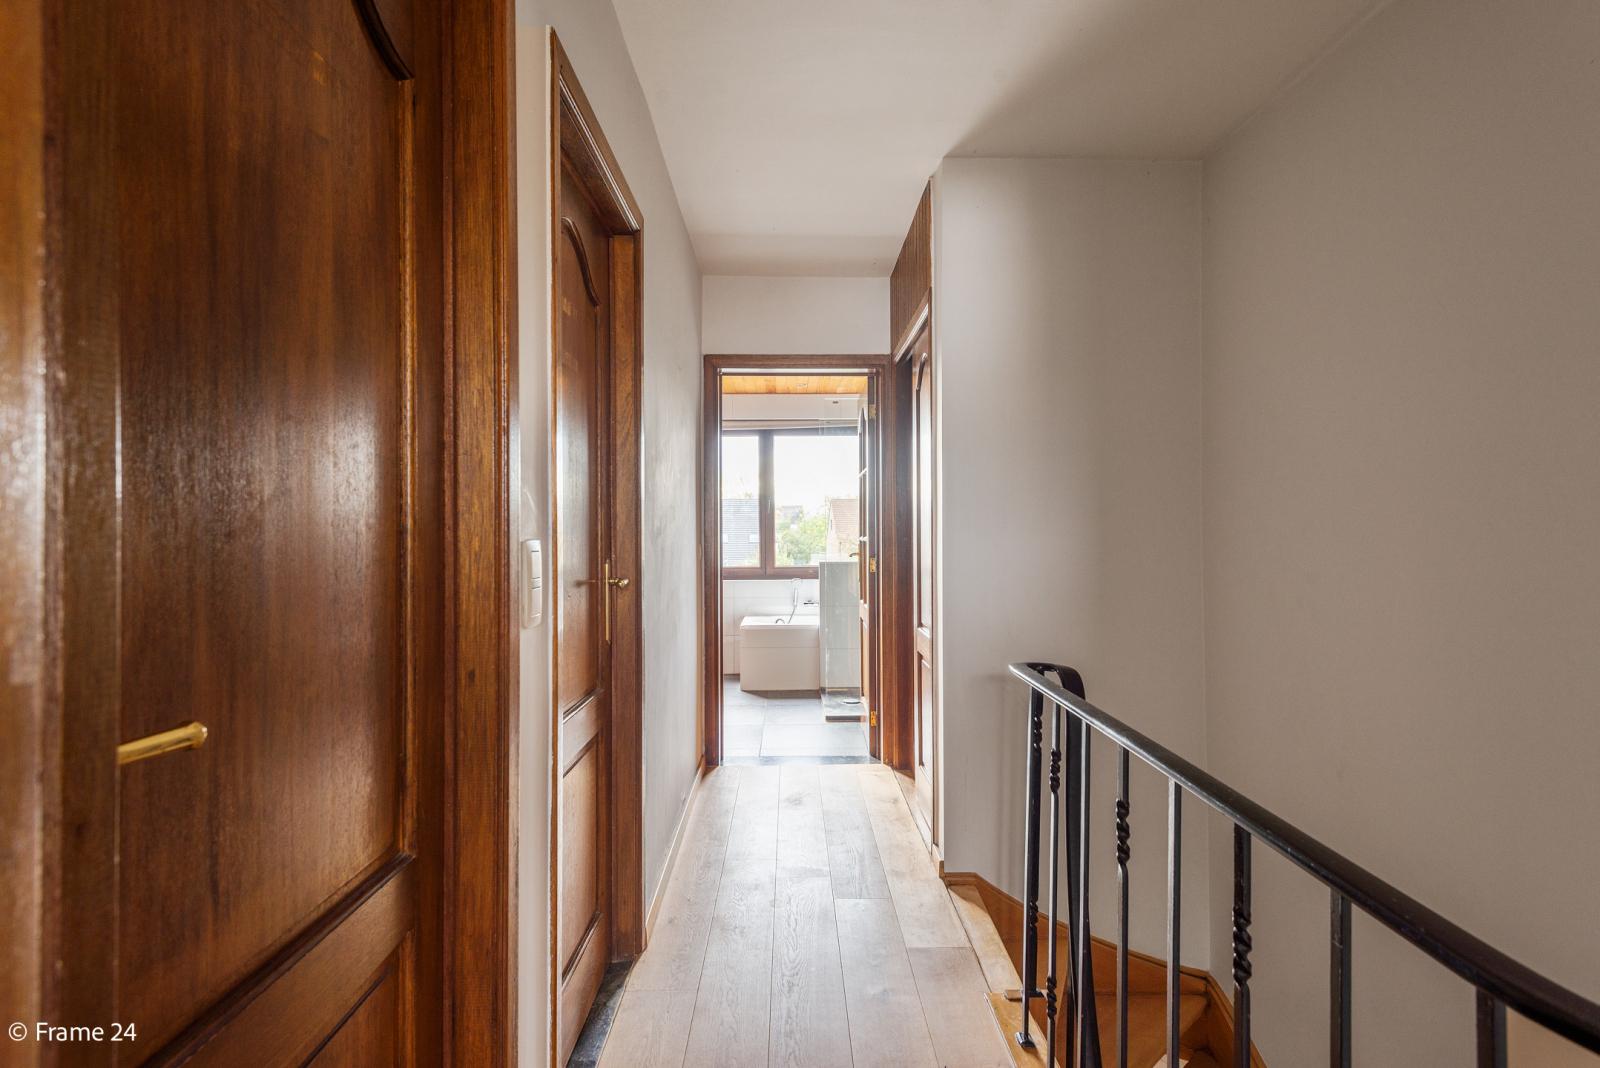 Verzorgde bel-étage met 3 slaapkamers, tuin en garage nabij centrum Wijnegem gelegen. afbeelding 17